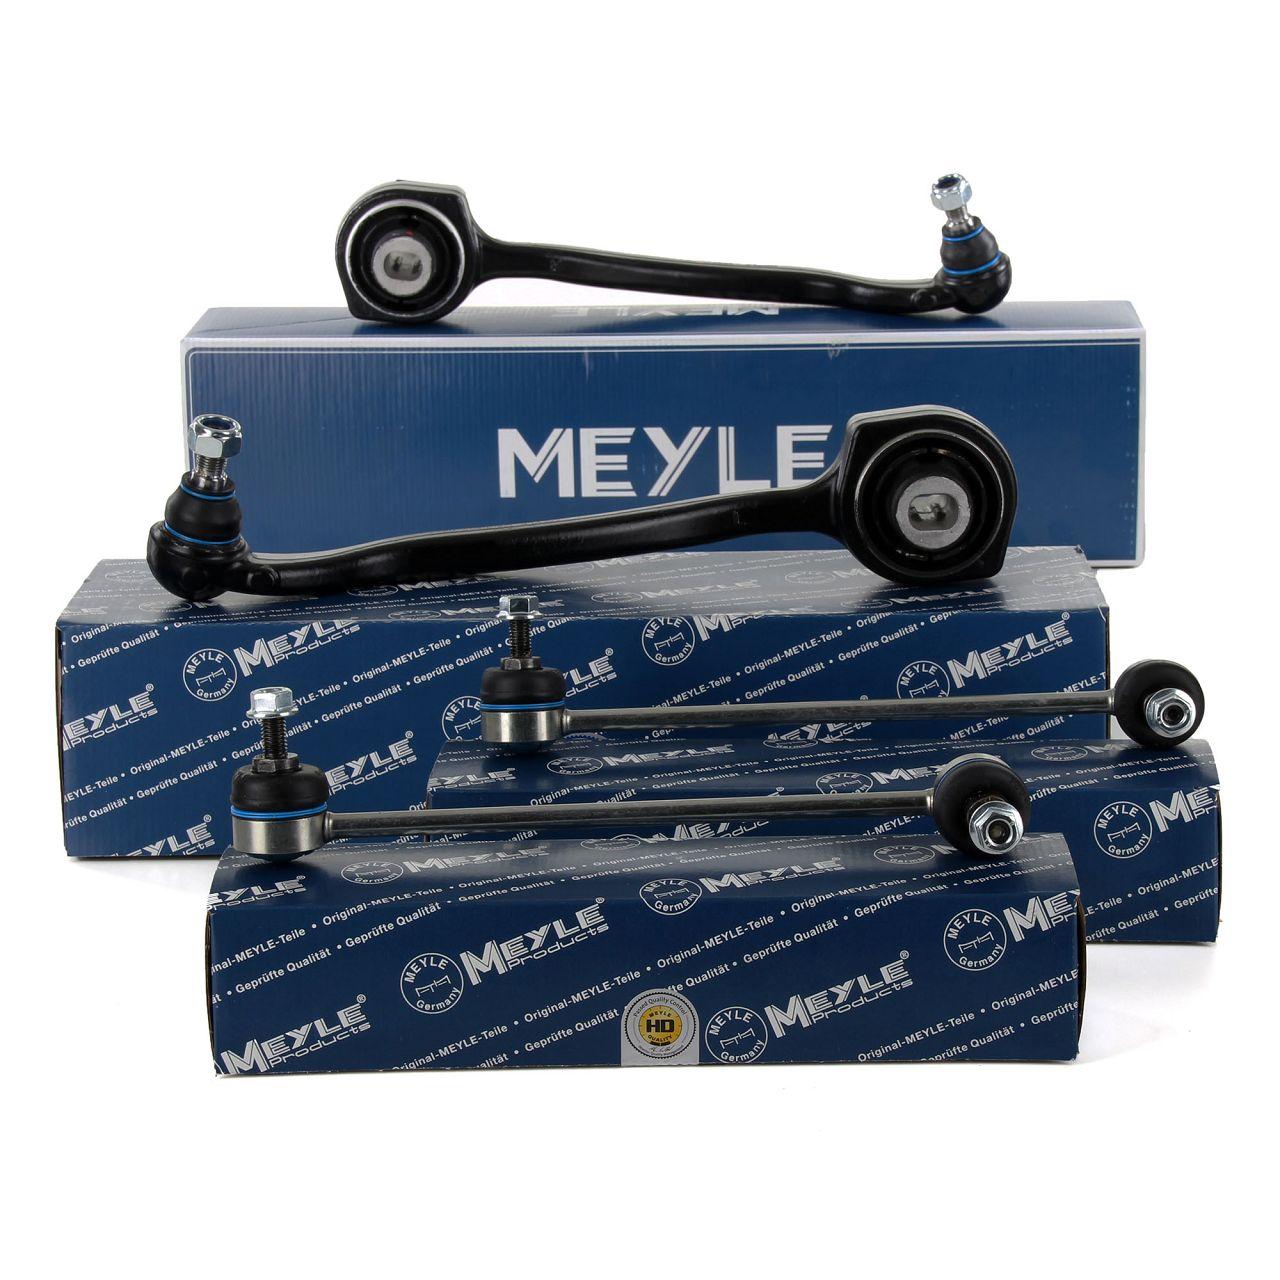 2x MEYLE Querlenker + HD Koppelstange MERCEDES W203 Vorderachse unten hinten